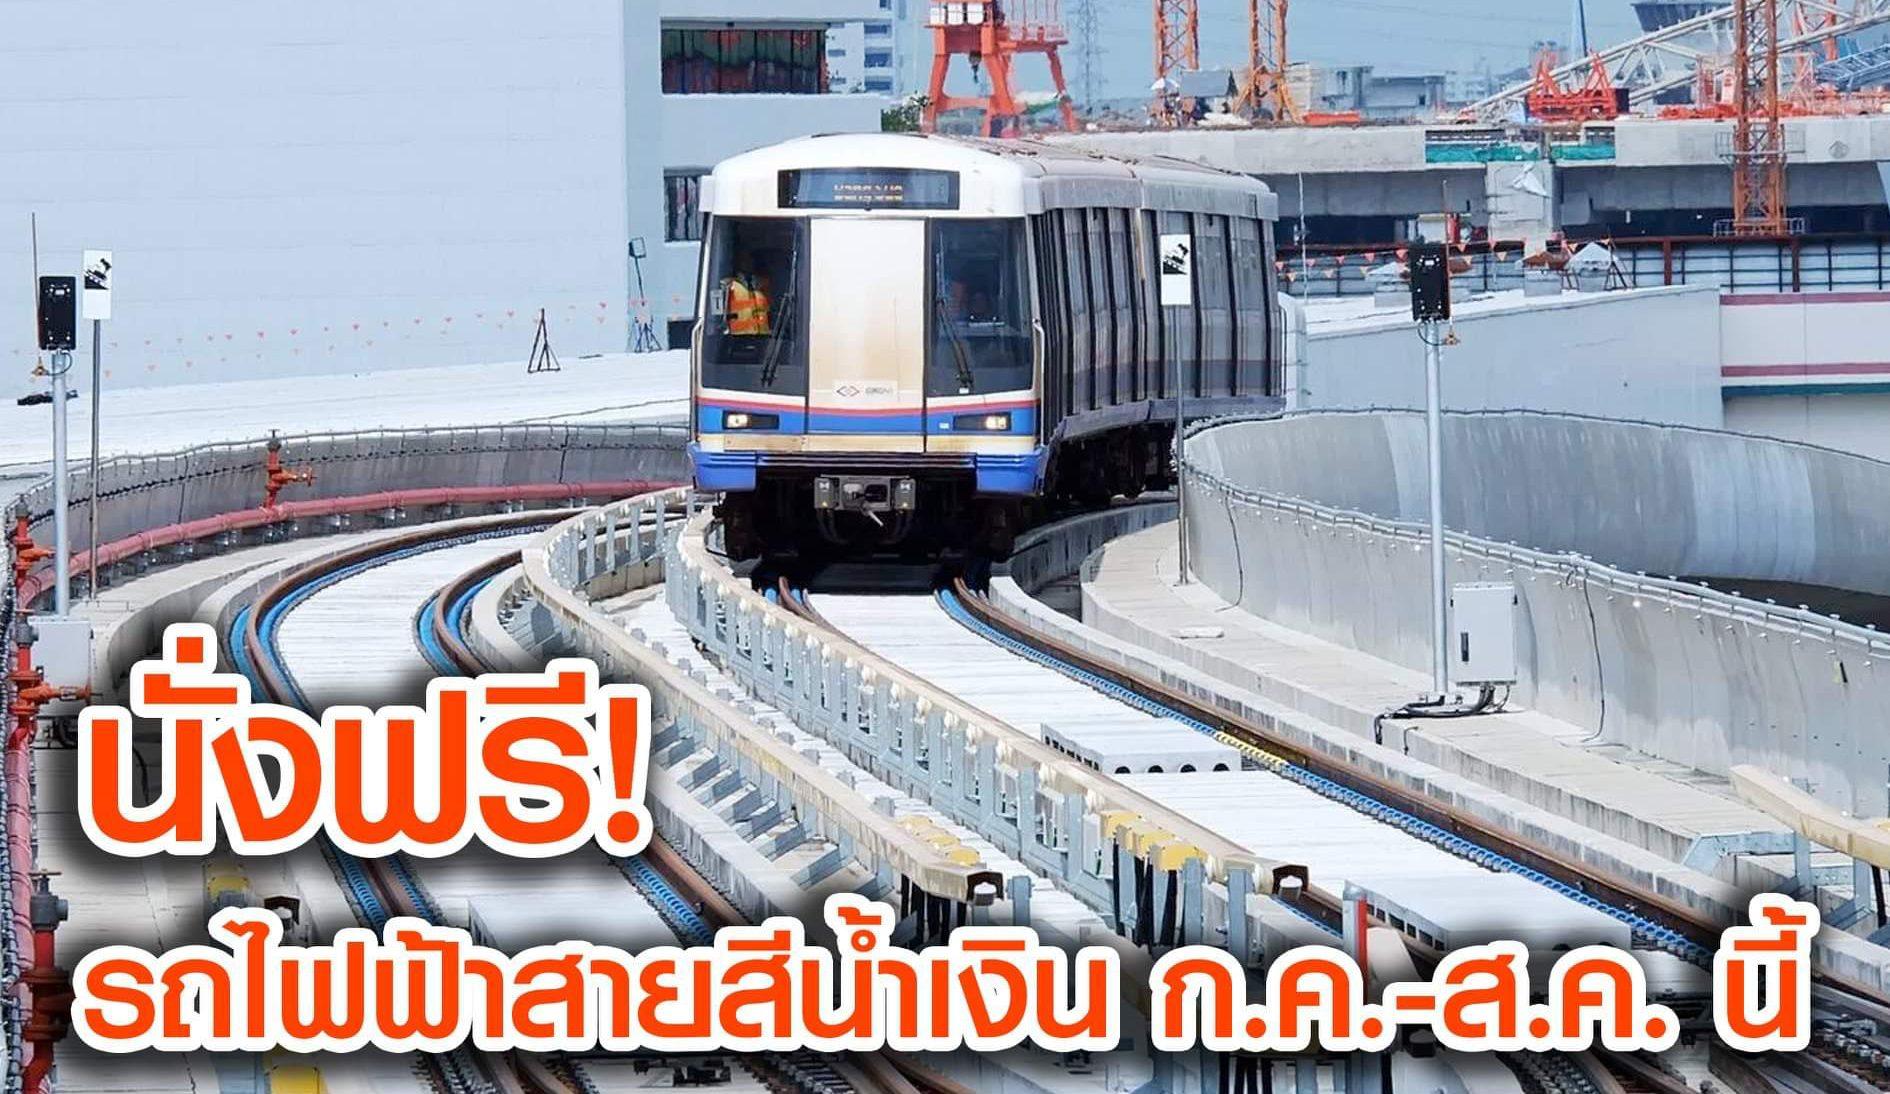 เปิดให้นั่งฟรี! รถไฟฟ้าสายสีน้ำเงิน 2 เดือน ก.ค.-ส.ค. นี้